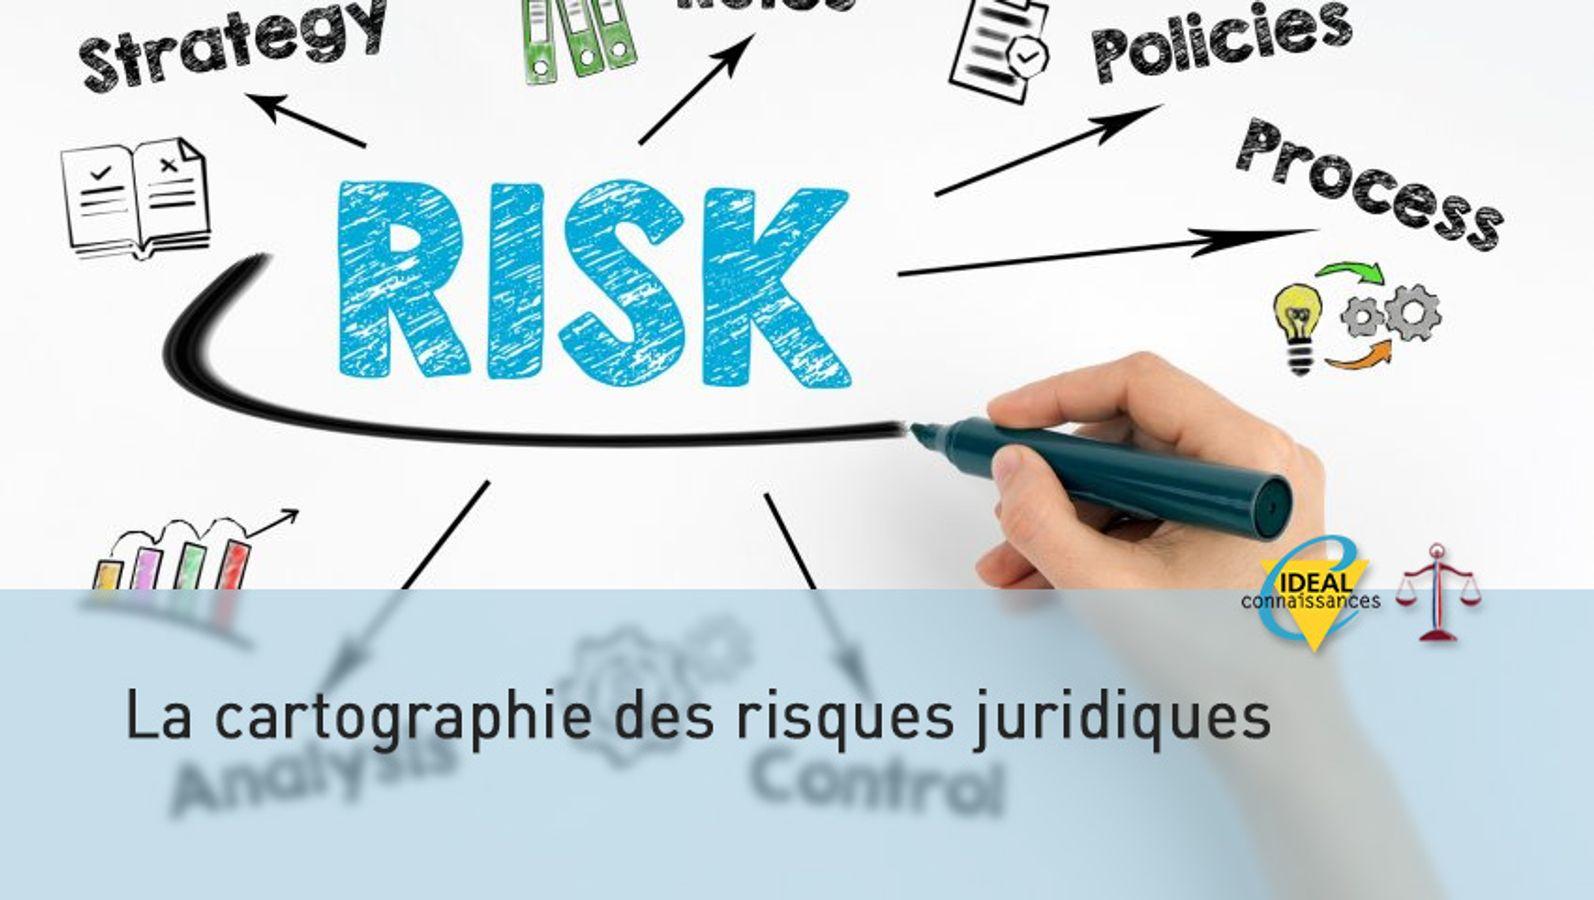 La cartographie des risques juridiques